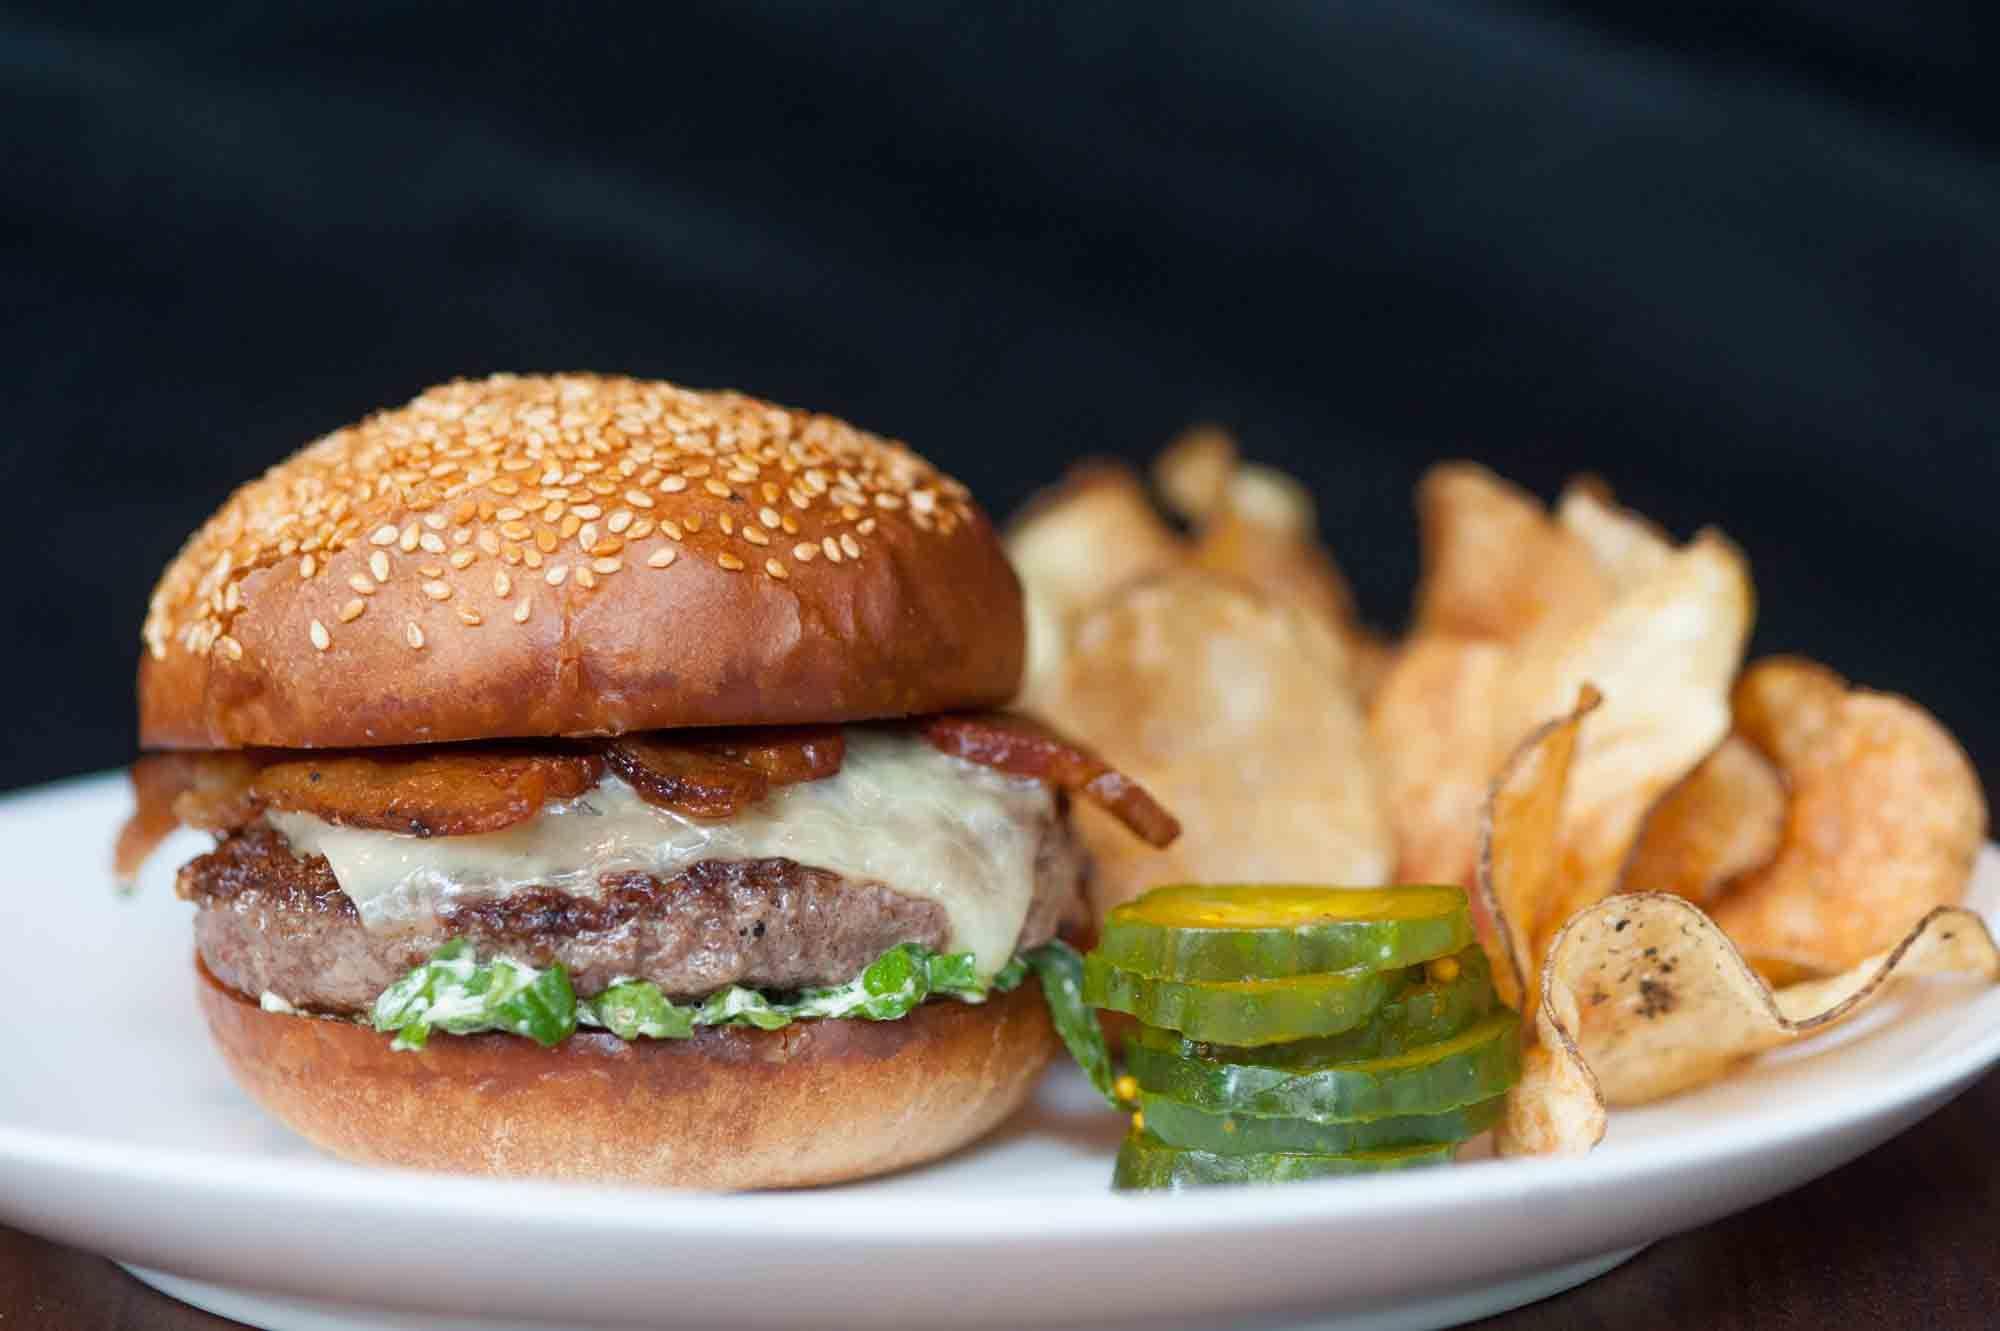 San Francisco: A Delicious but Structurally Unsound Burger